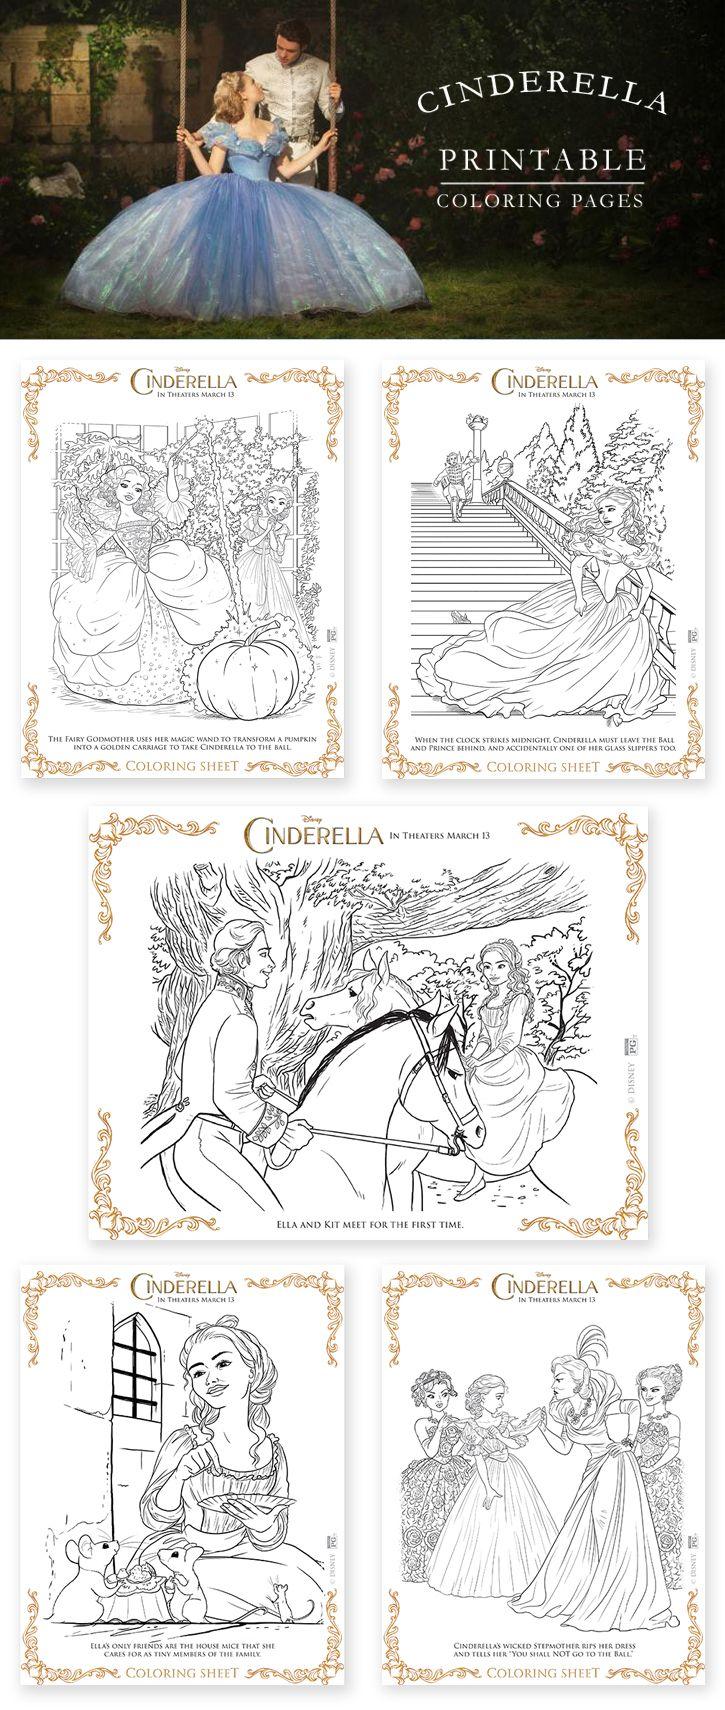 Cinderella Printables Cinderella Coloring Pages Coloring Pages Disney Coloring Pages